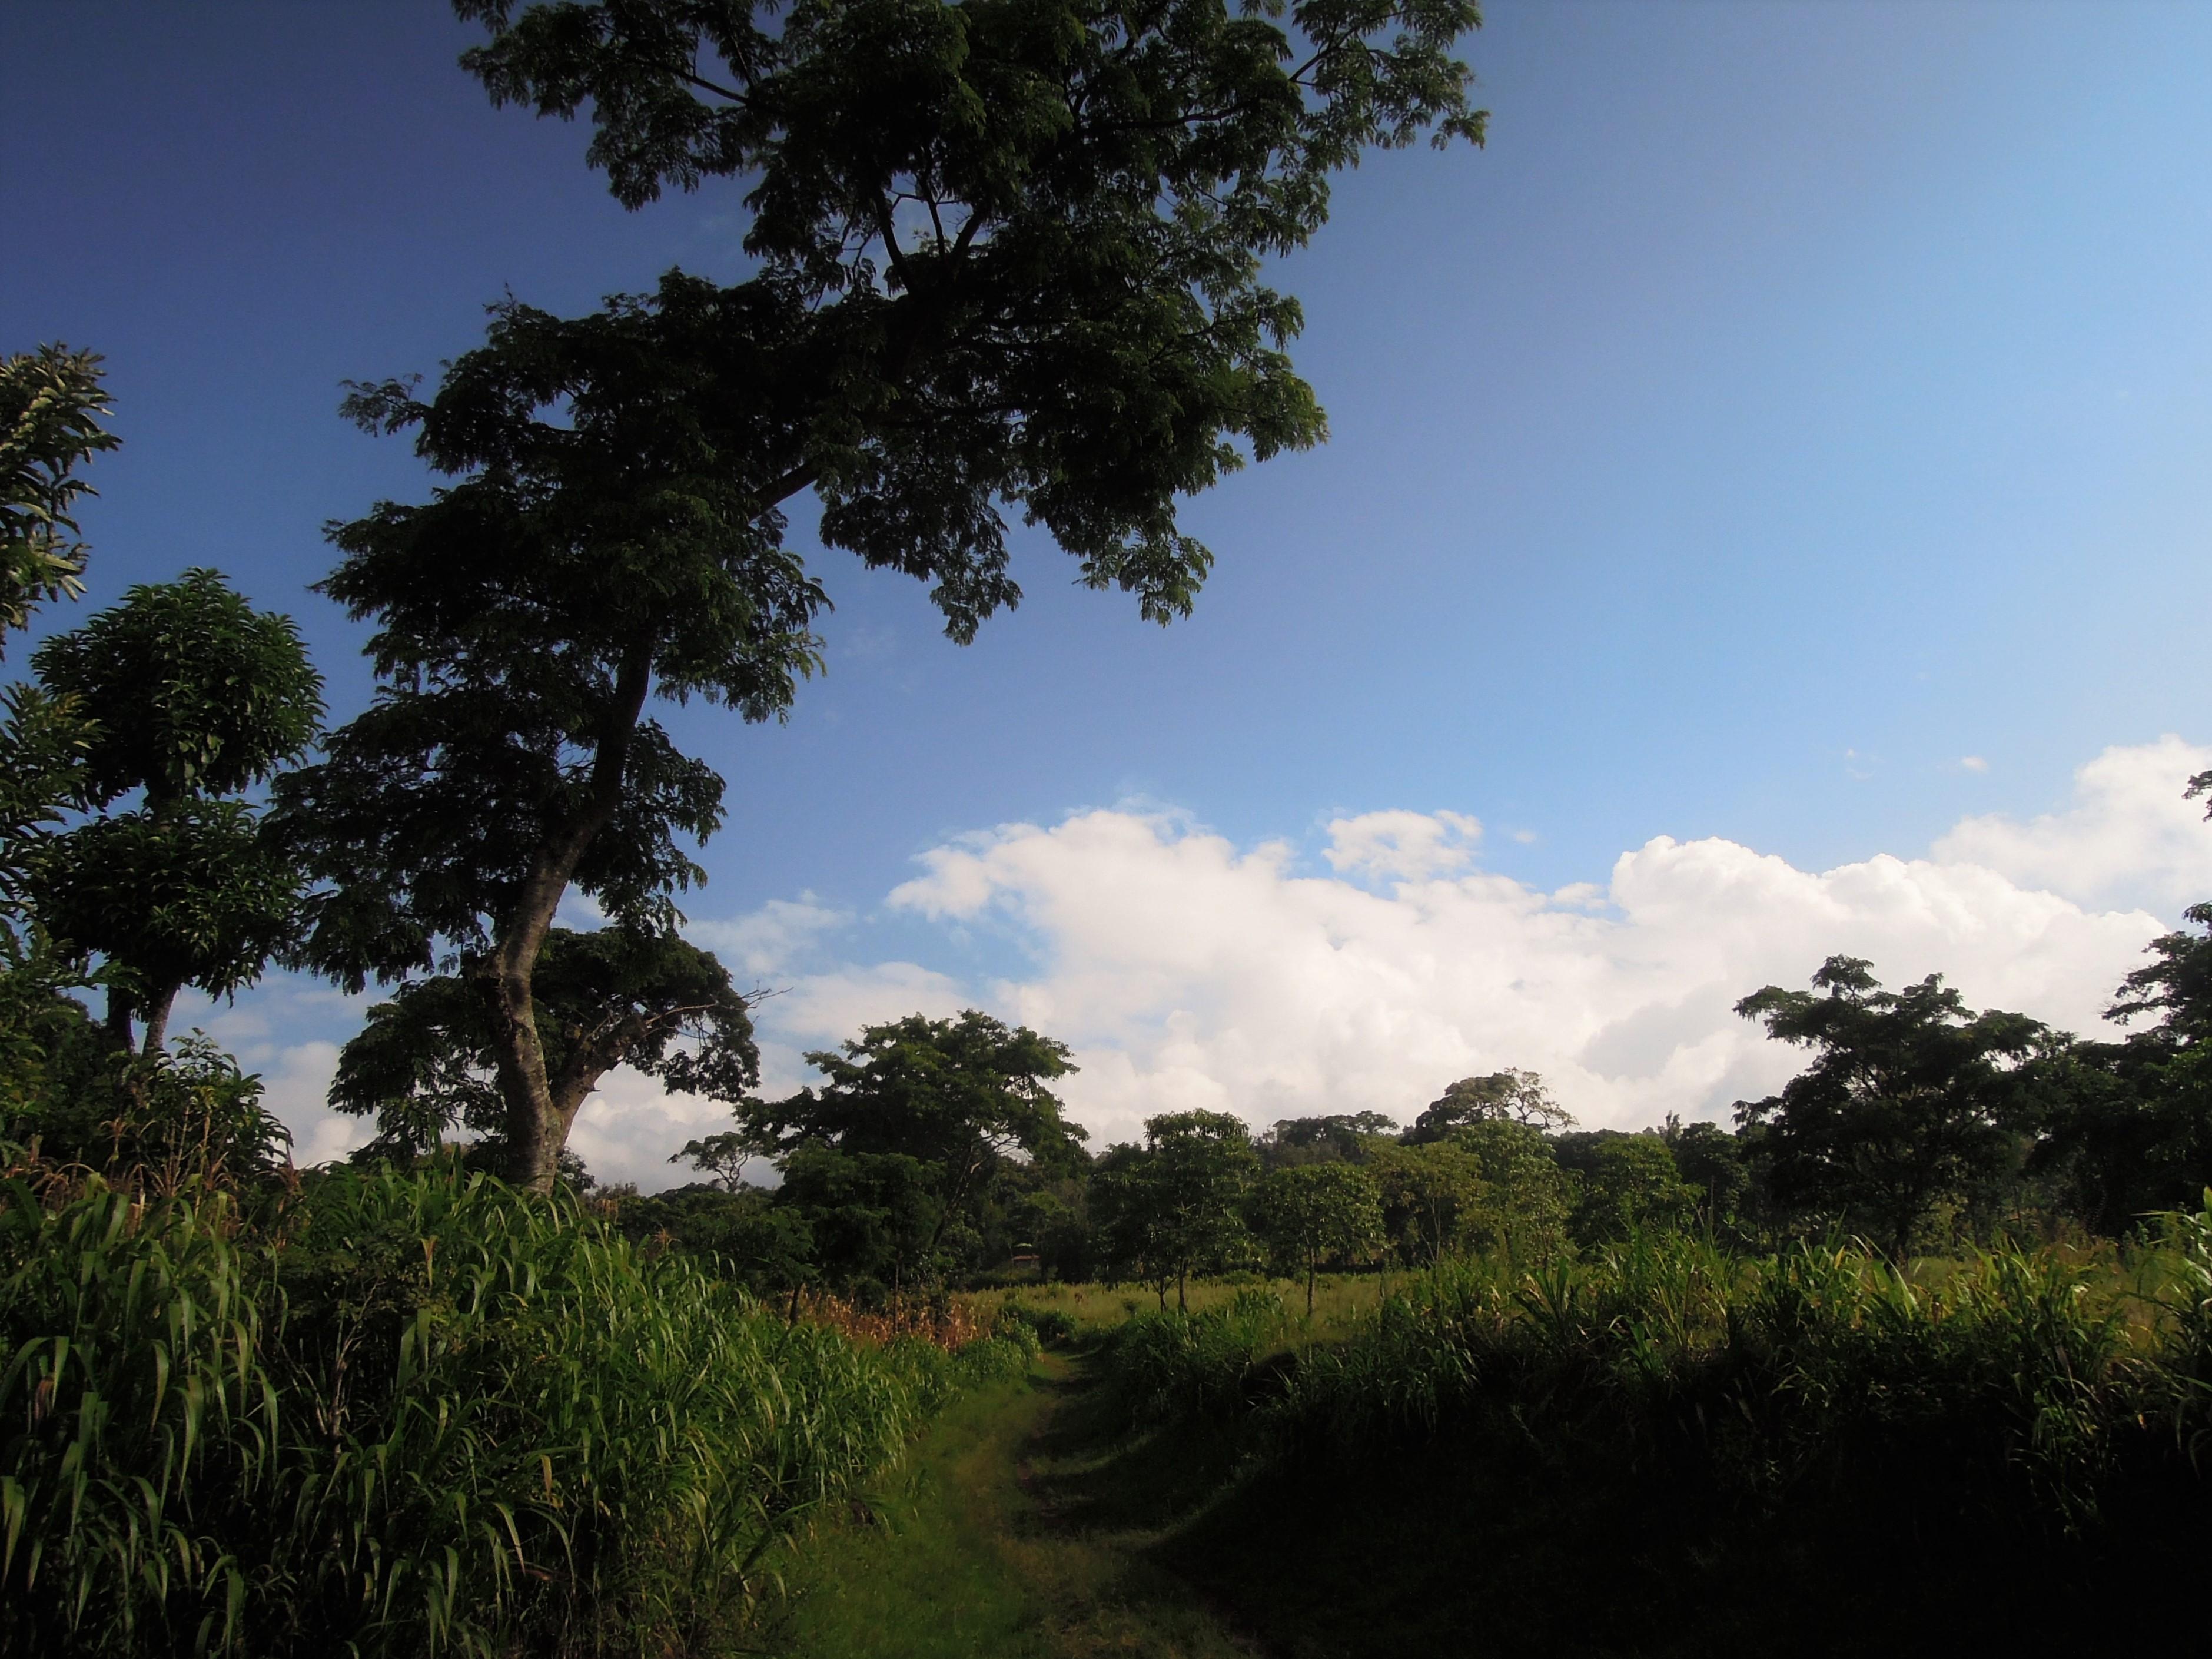 Zielone tereny regionu Kilimanjaro, Tanzania, Afryka, fot. M. Lehrmann